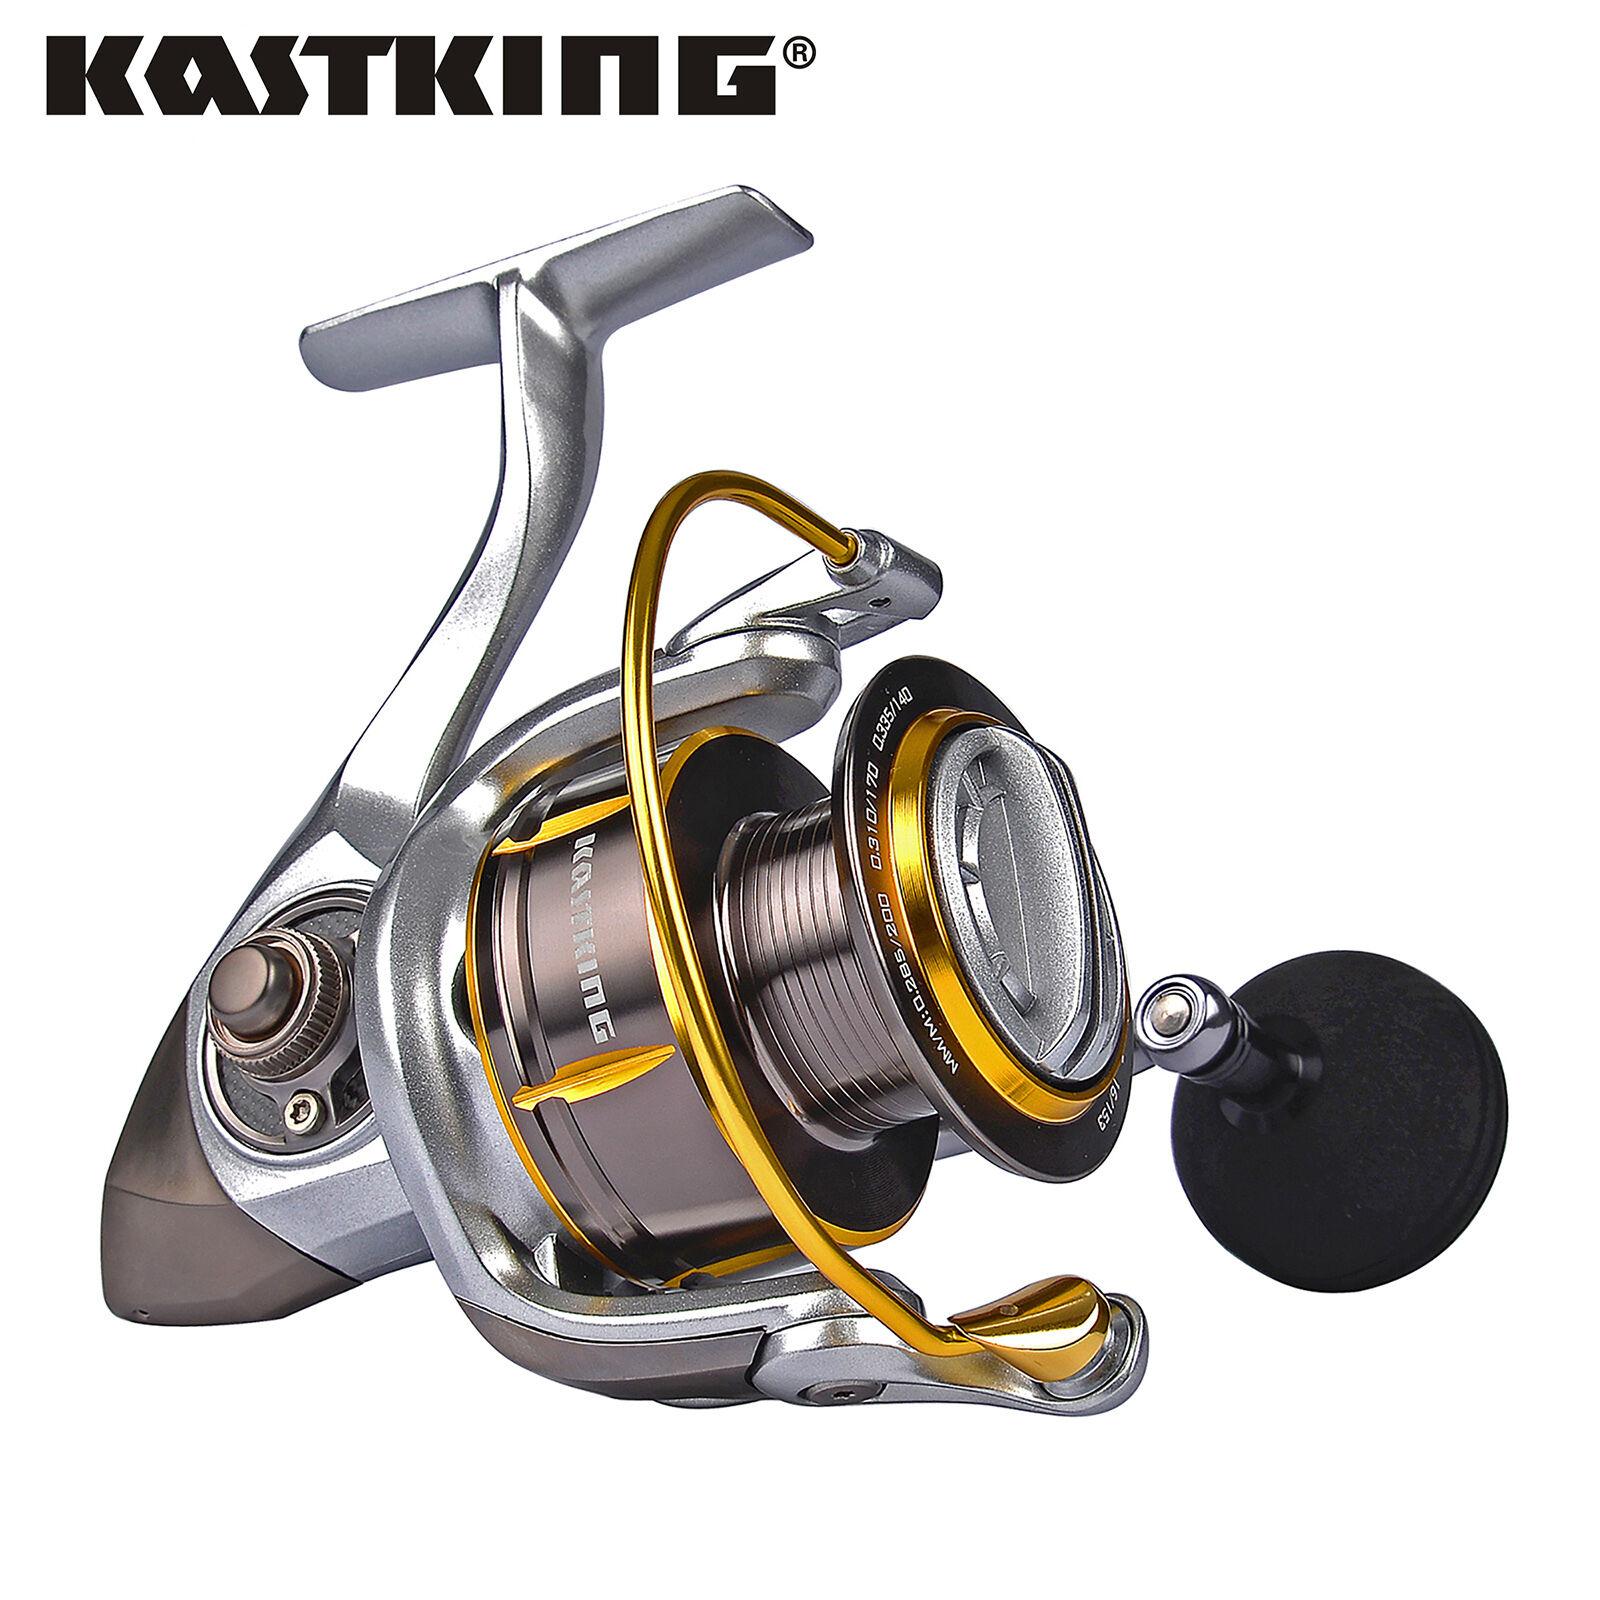 Kastre recentissimo Kodiak SPINNING REEL in fibra di autobonio trascinare pesca mulinelli